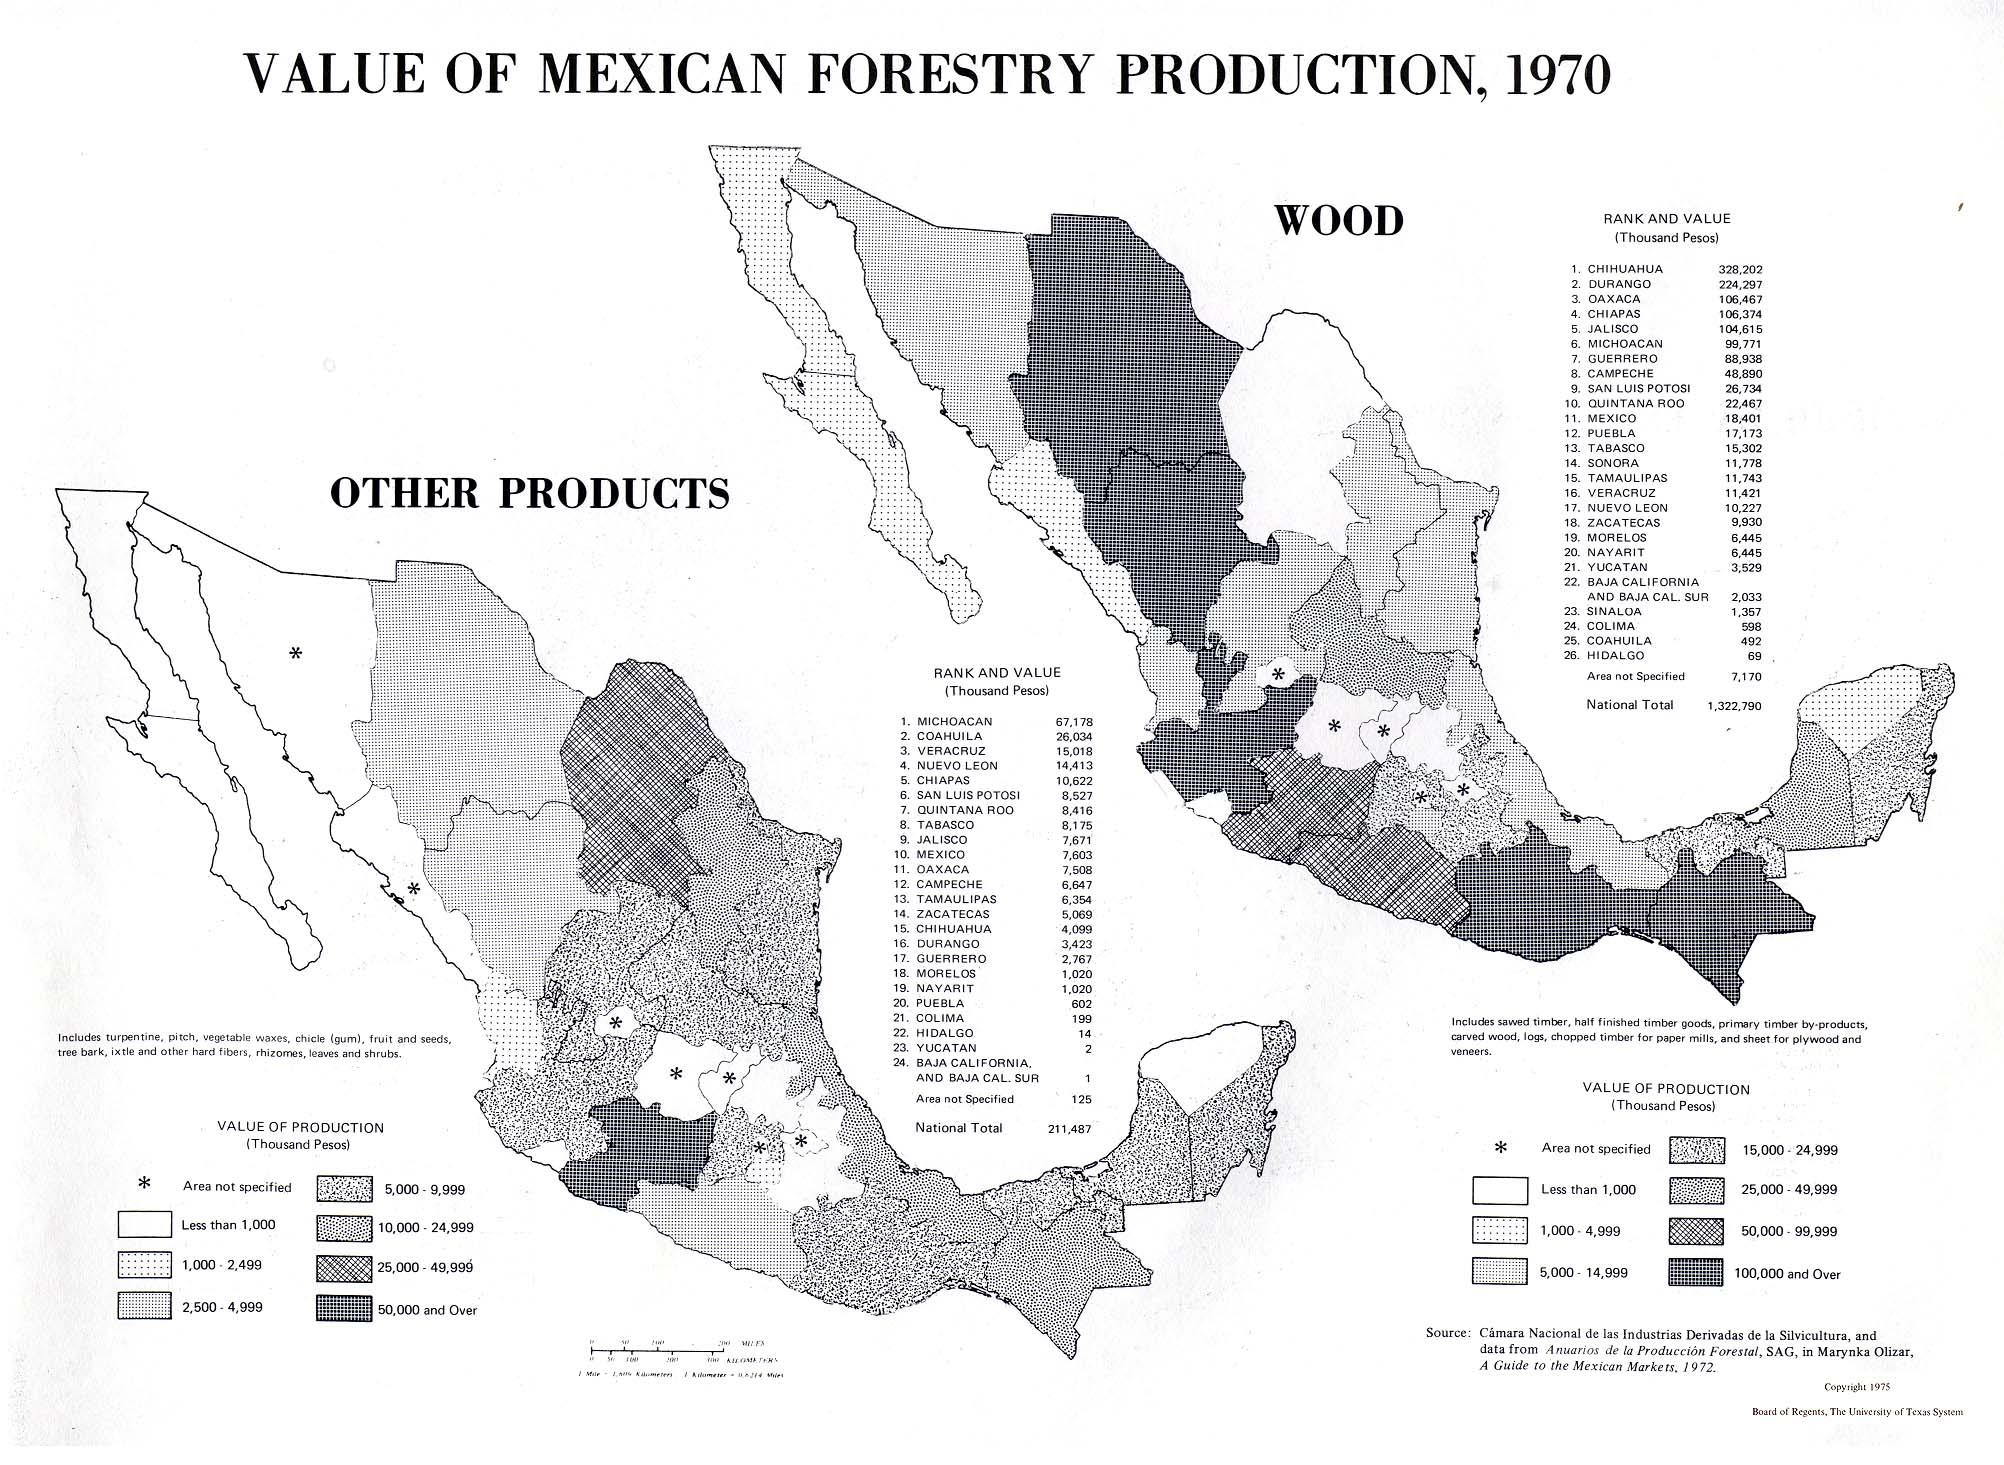 Mapa de Valor de la Producción Forestal de México 1970